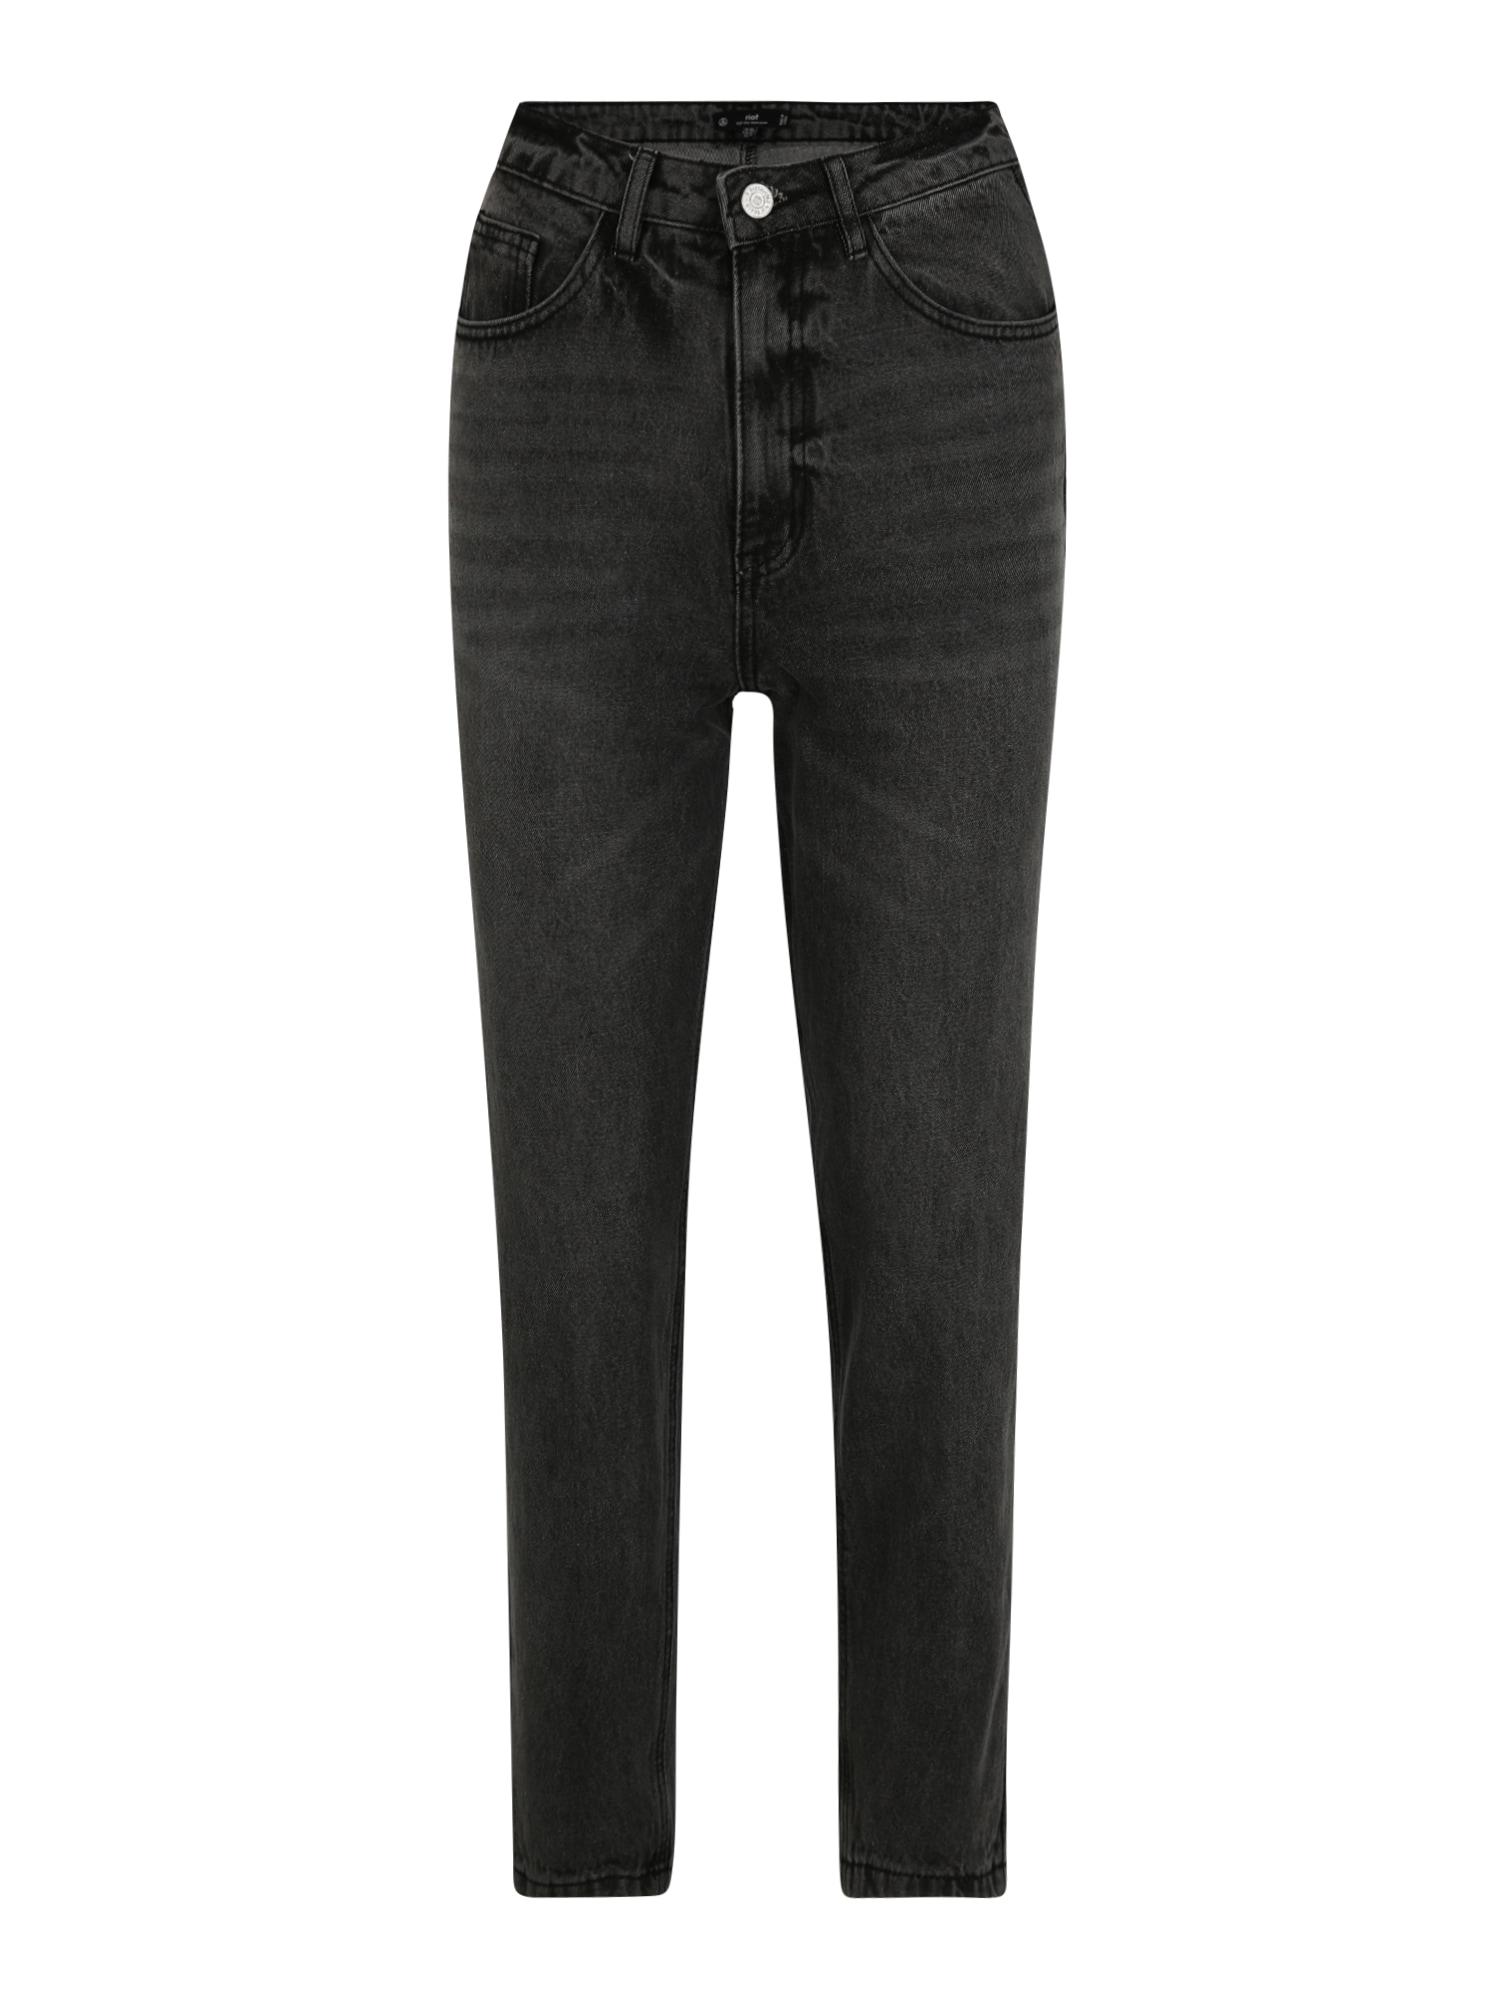 Missguided (Petite) Džinsai juodo džinso spalva